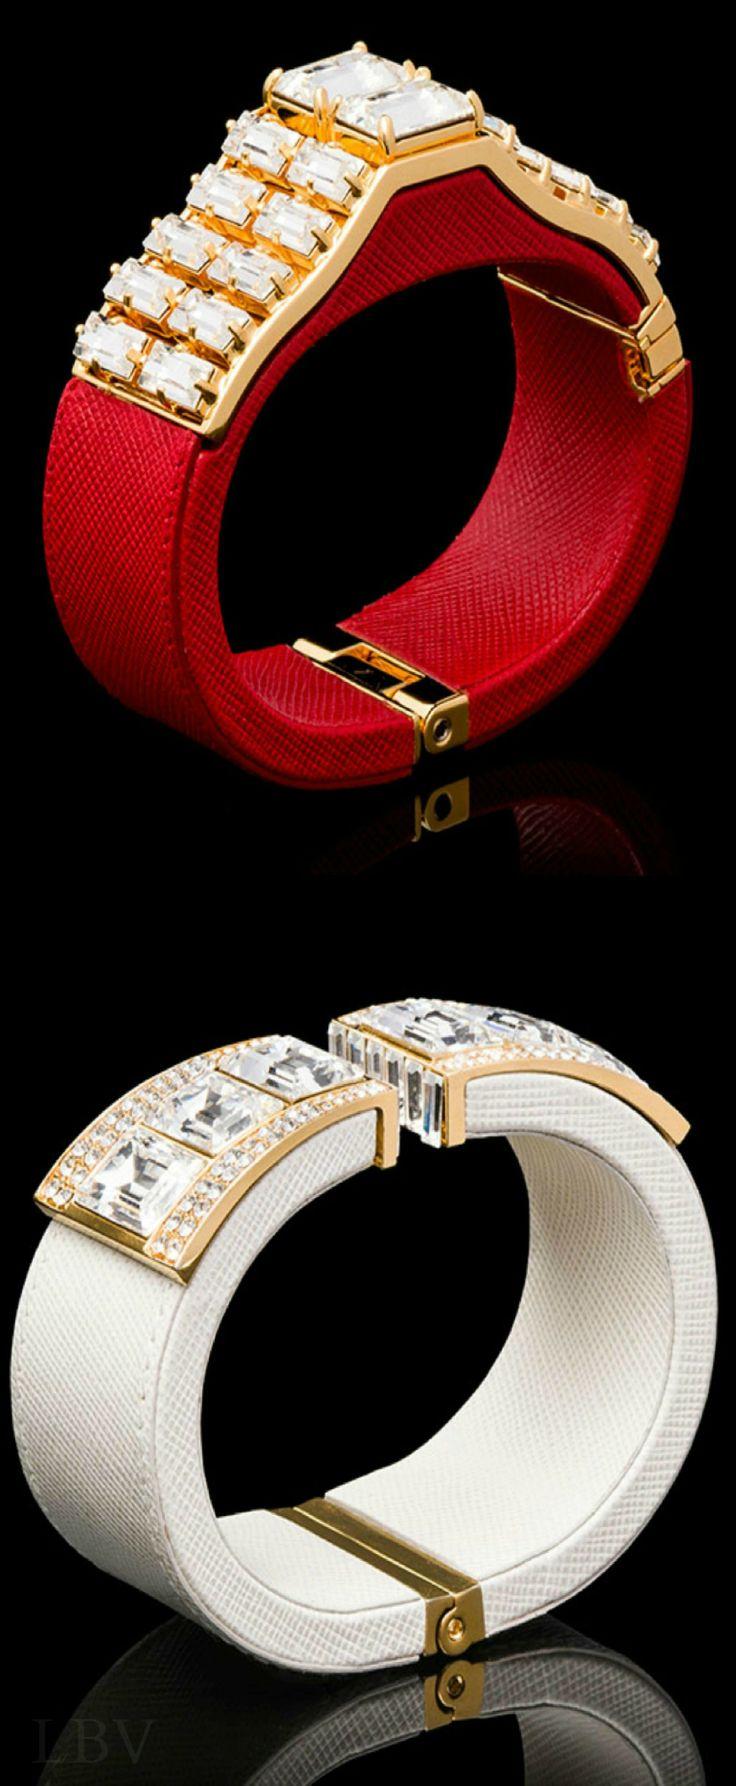 Prada Bracelets 2014 | LBV ♥✤